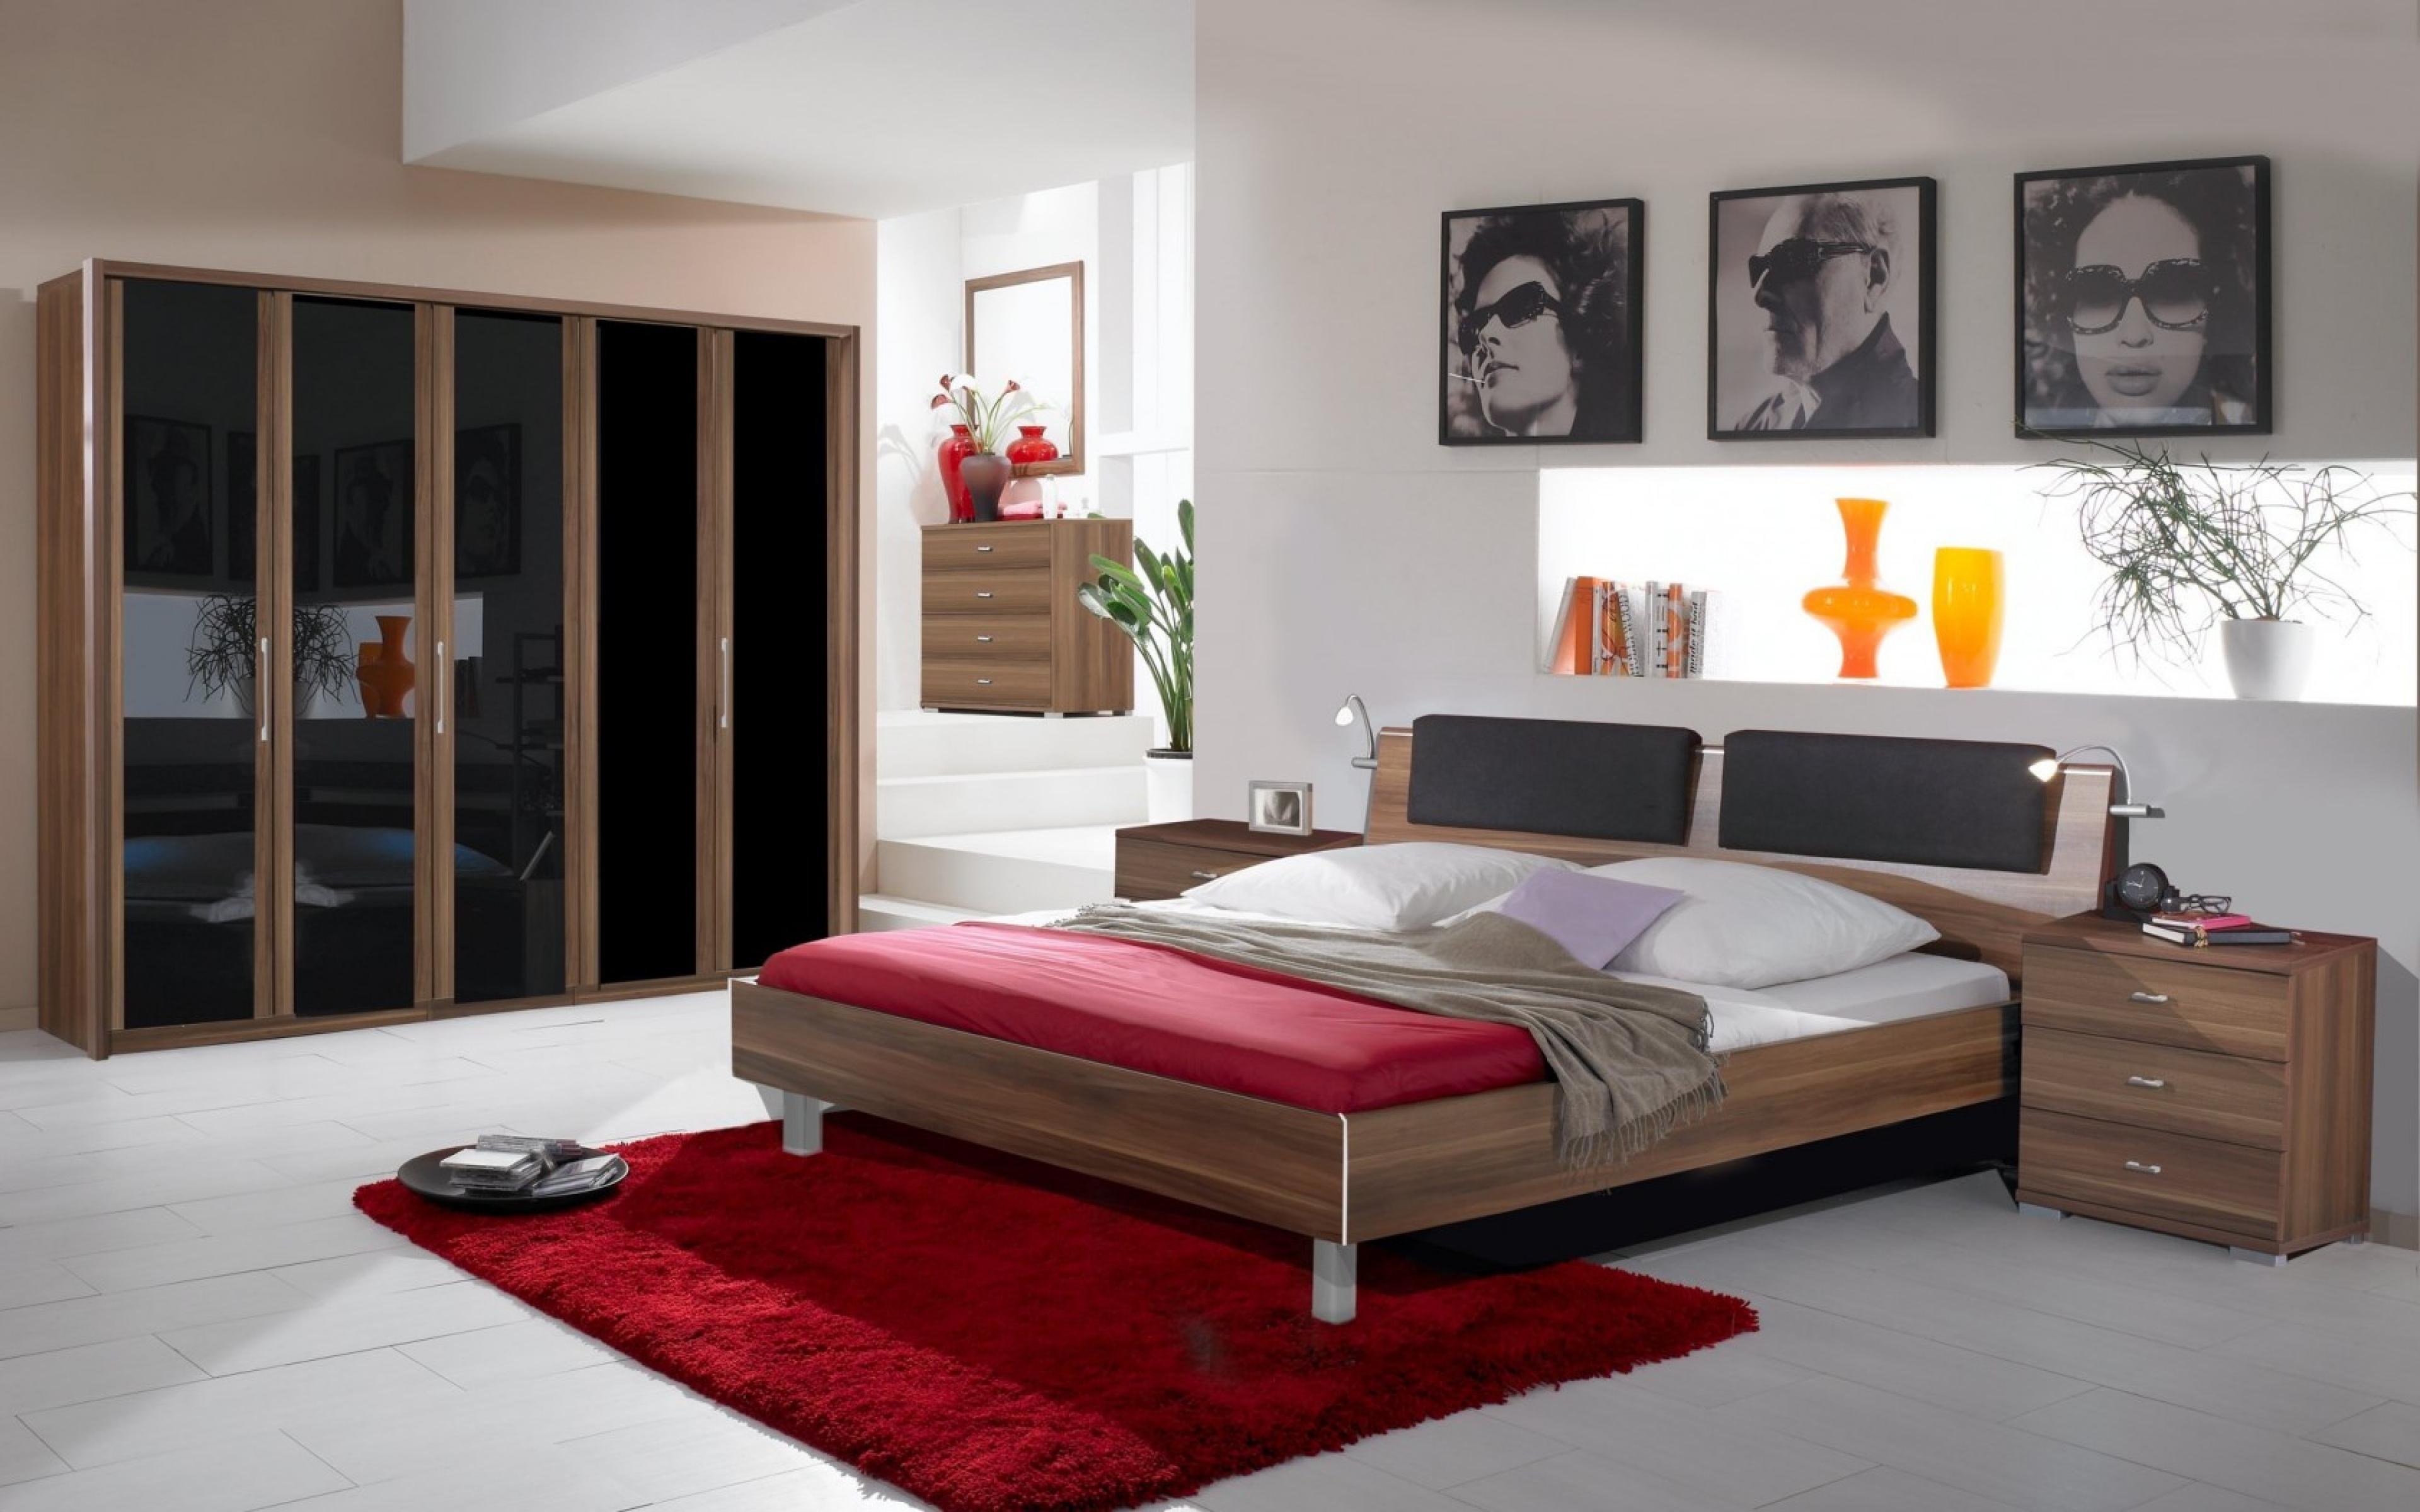 ado-chambre-ado-design-et-decoration-pas cher-ikea-simple-meilleur-decoration-moderne-avec-pop-art-mur-image-tiroir-flottant-lit-rouge-chambre-design-interieur_bedroom_bedroom-sets-for- vente-peinture-idée